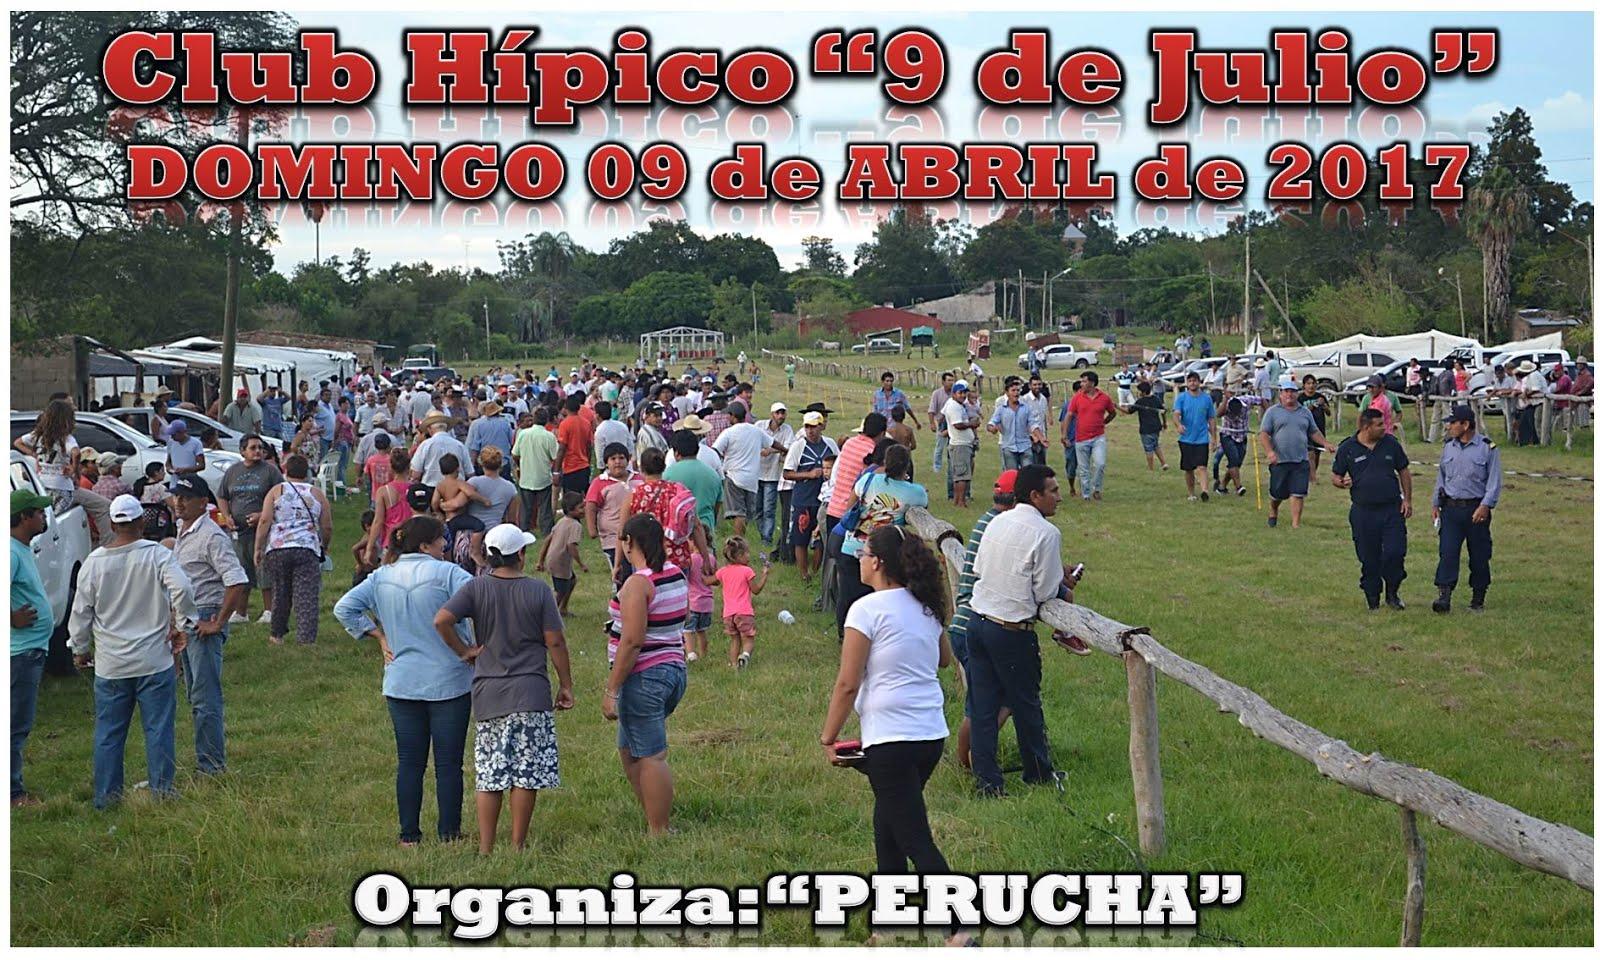 9 DE JULIO. 09-04-17